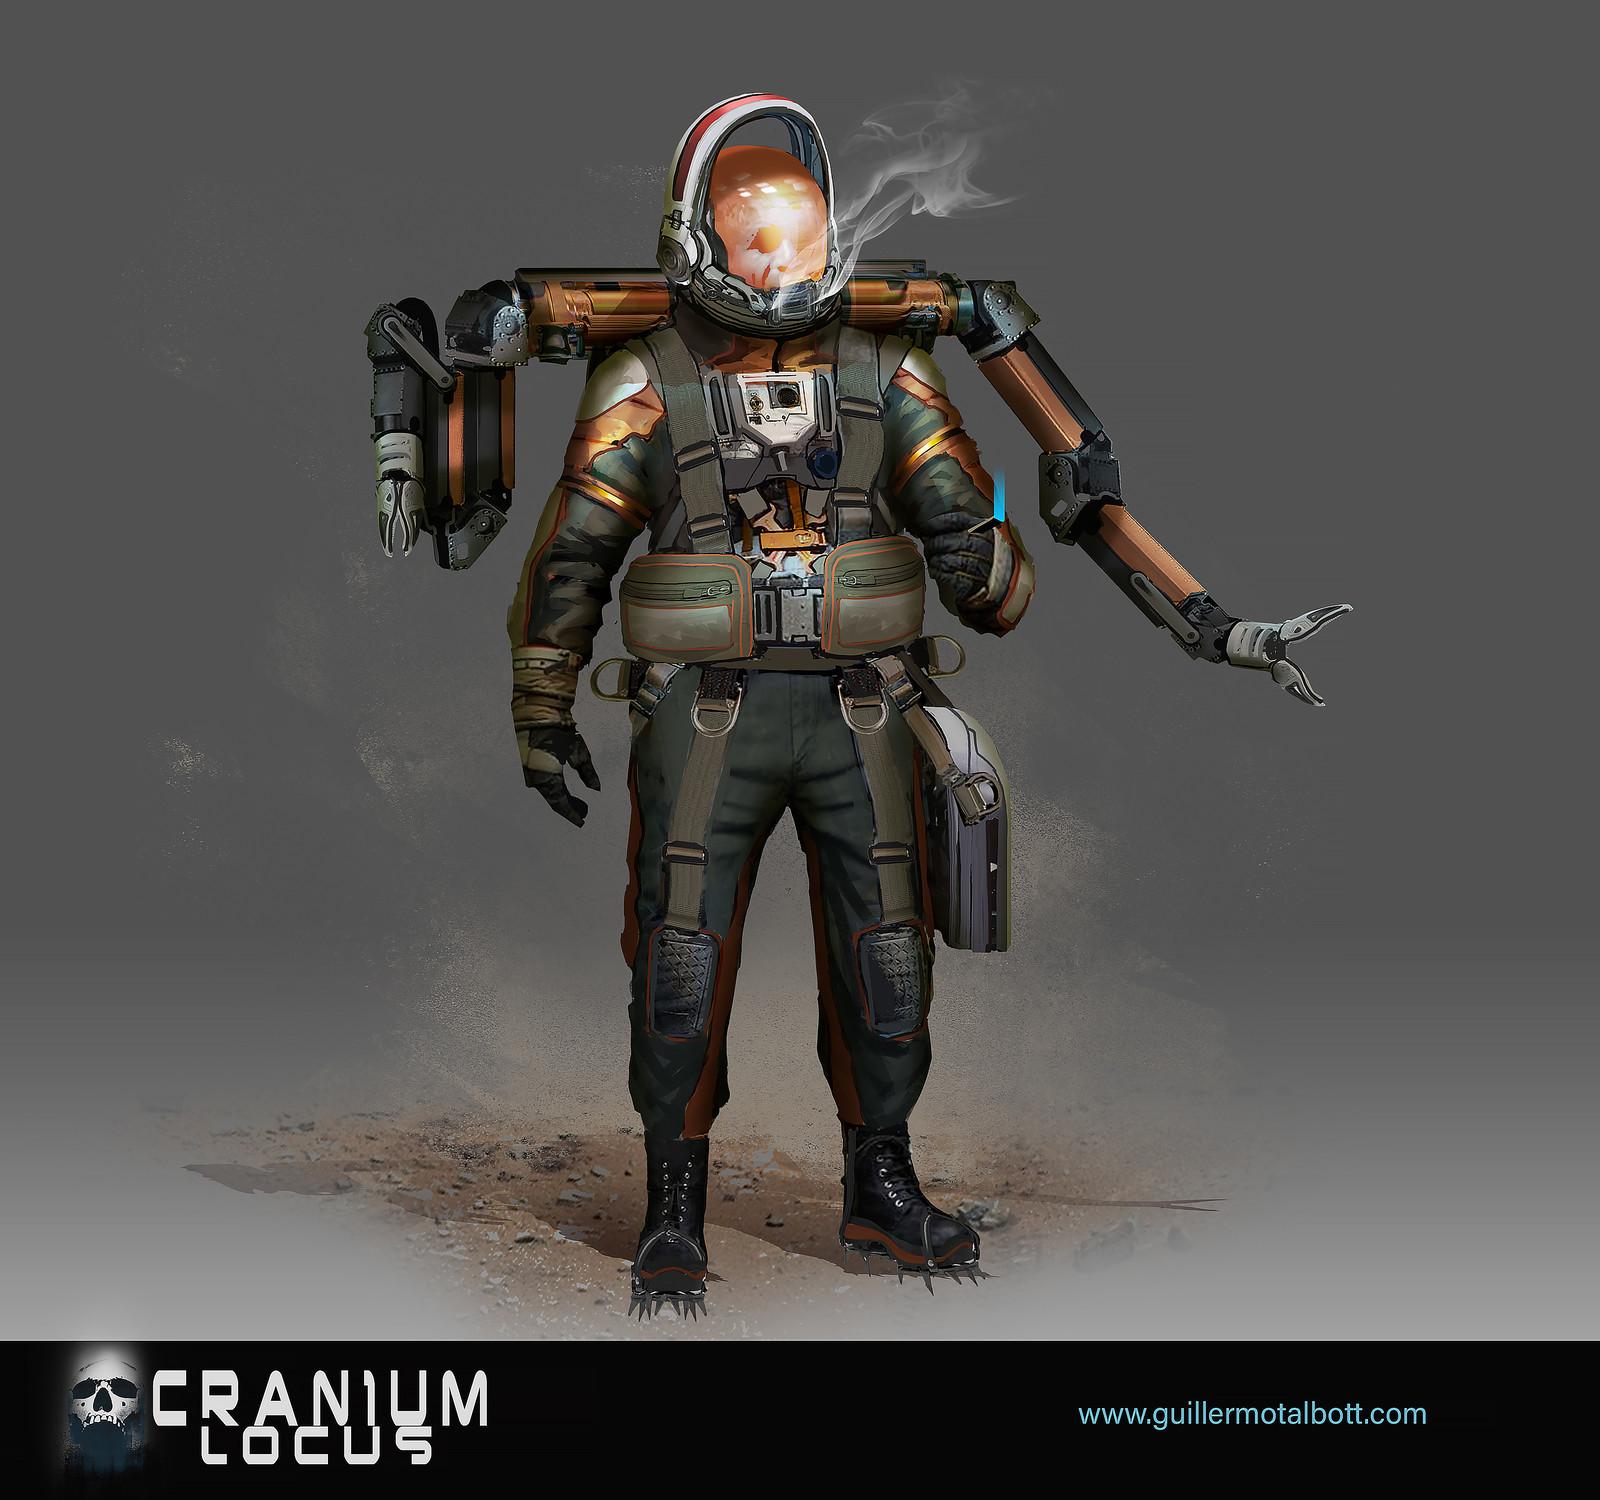 CRANIUM LOCUS -personal project